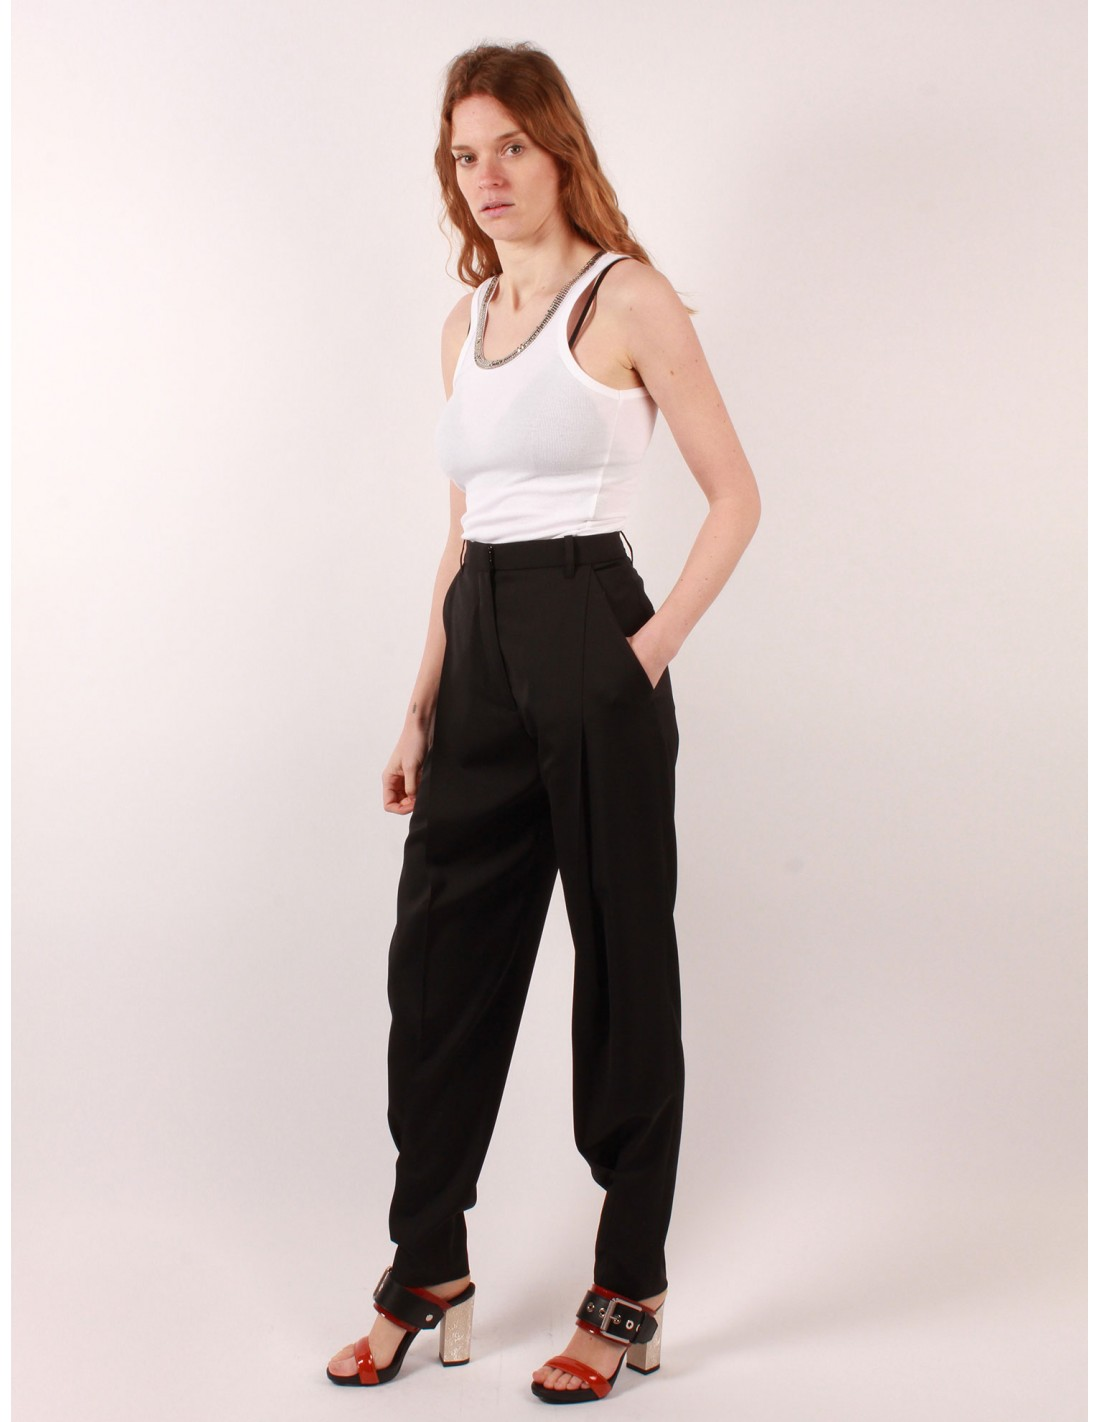 Pour Bui Noire Pantalon Barbara Carotte Femme Haute Serie Taille PXnwx7qZwO